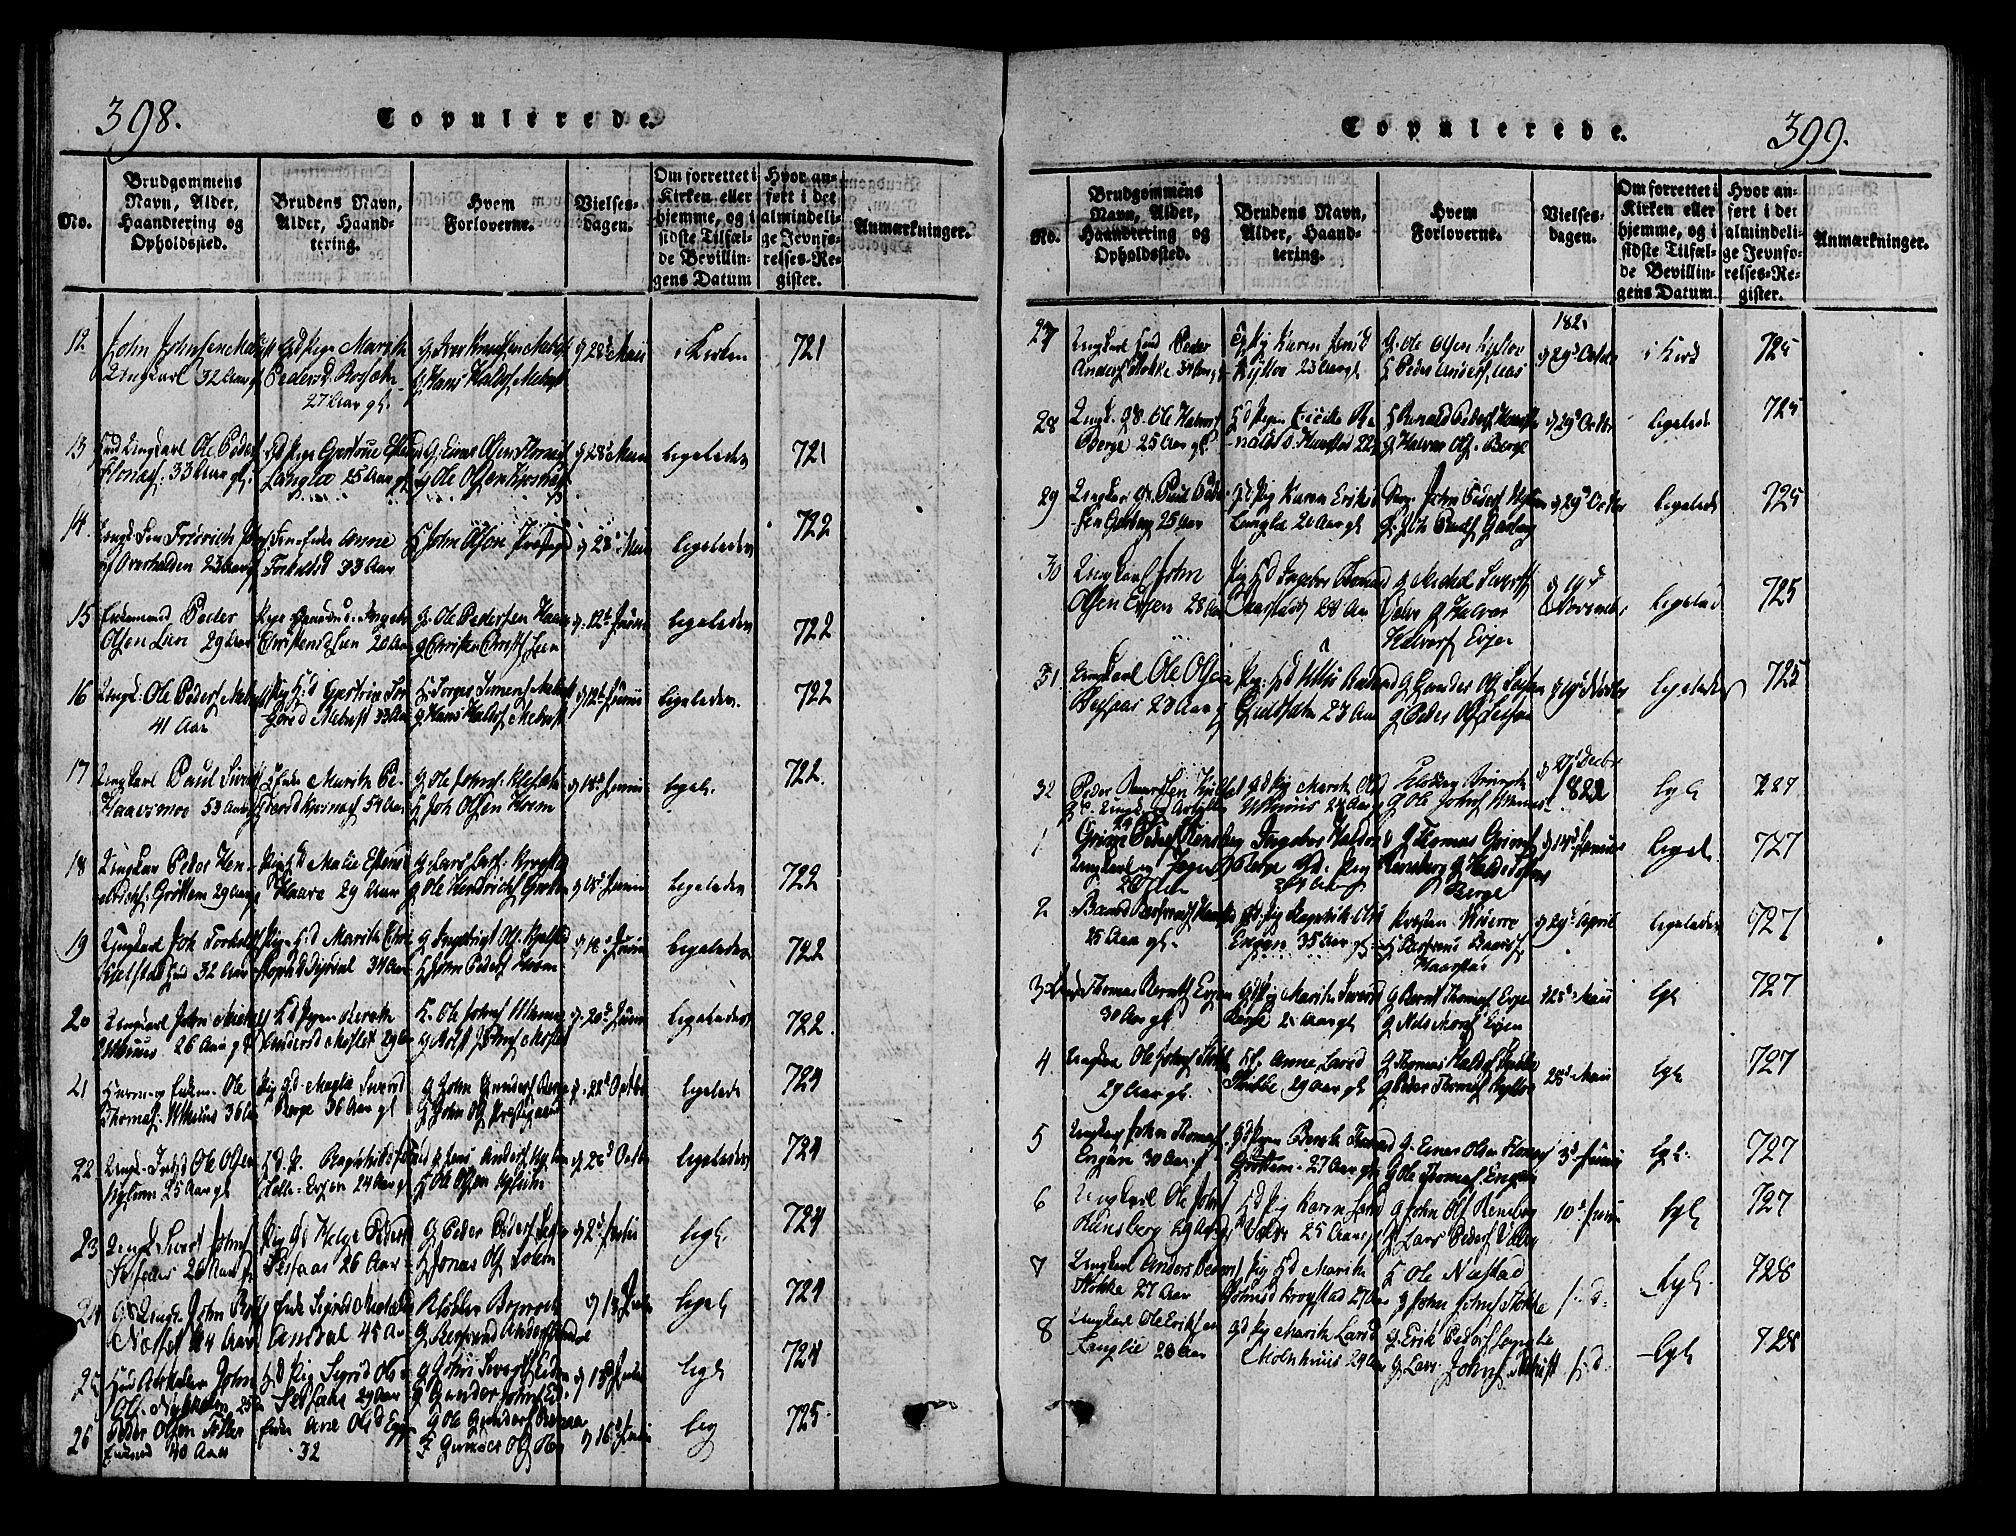 SAT, Ministerialprotokoller, klokkerbøker og fødselsregistre - Sør-Trøndelag, 695/L1141: Ministerialbok nr. 695A04 /1, 1816-1824, s. 398-399